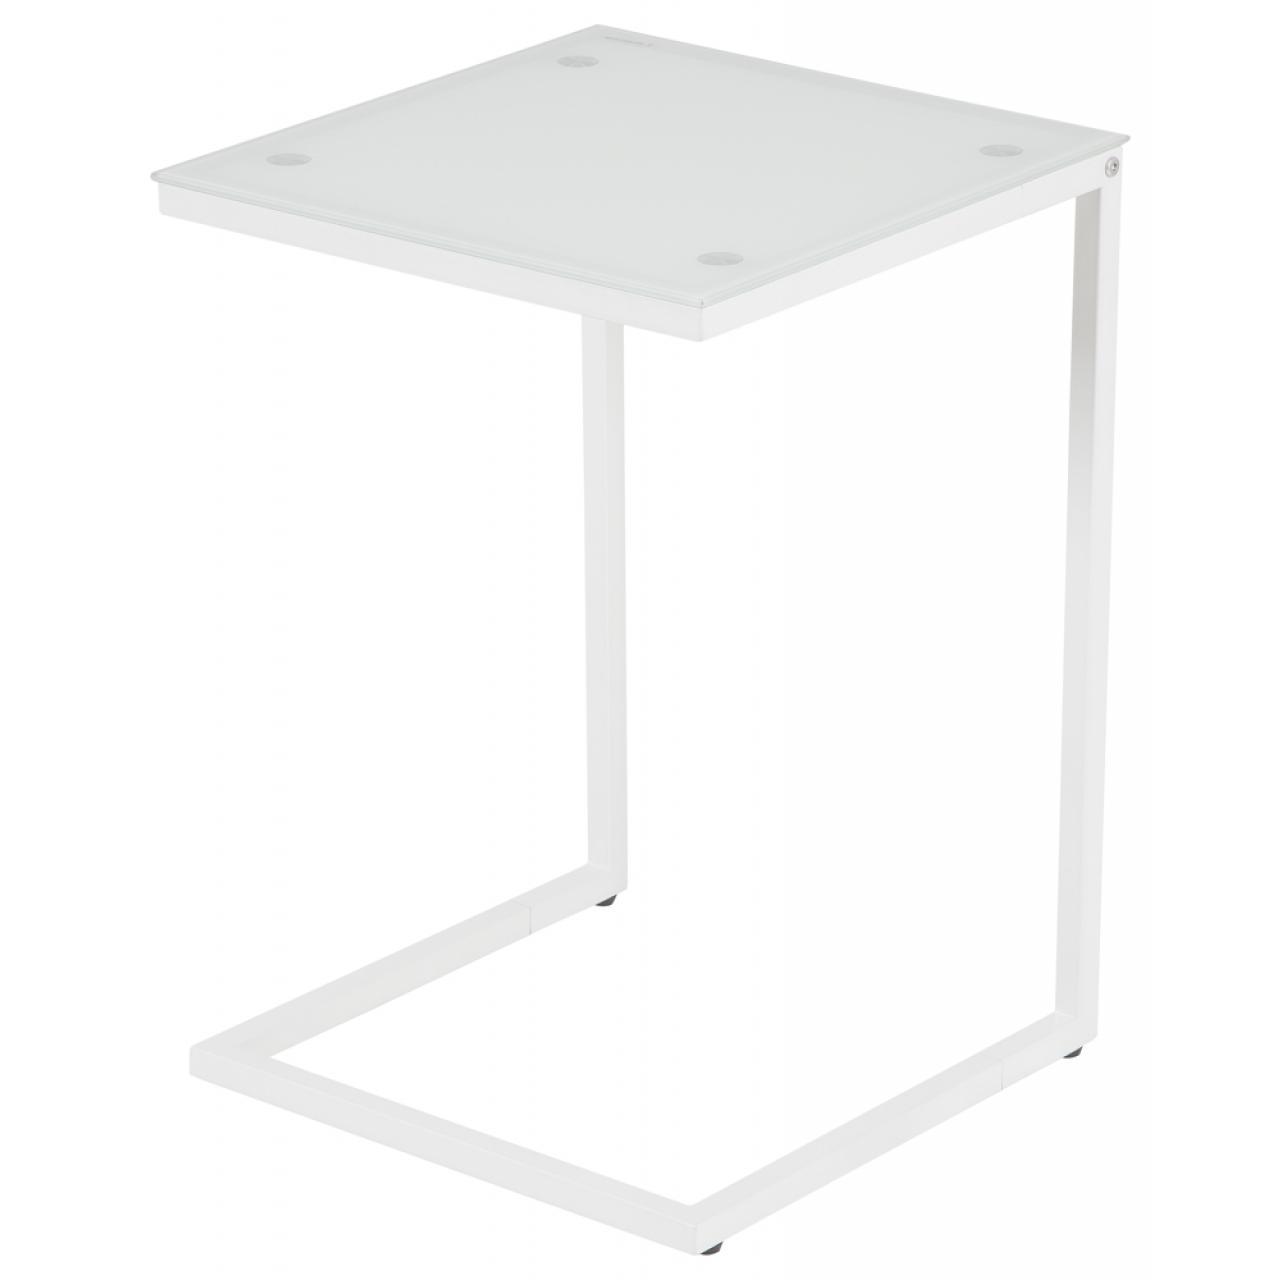 Beistelltisch Denise Weiß Beton Telefontisch Glas 1 Ablage Couchtisch Tisch